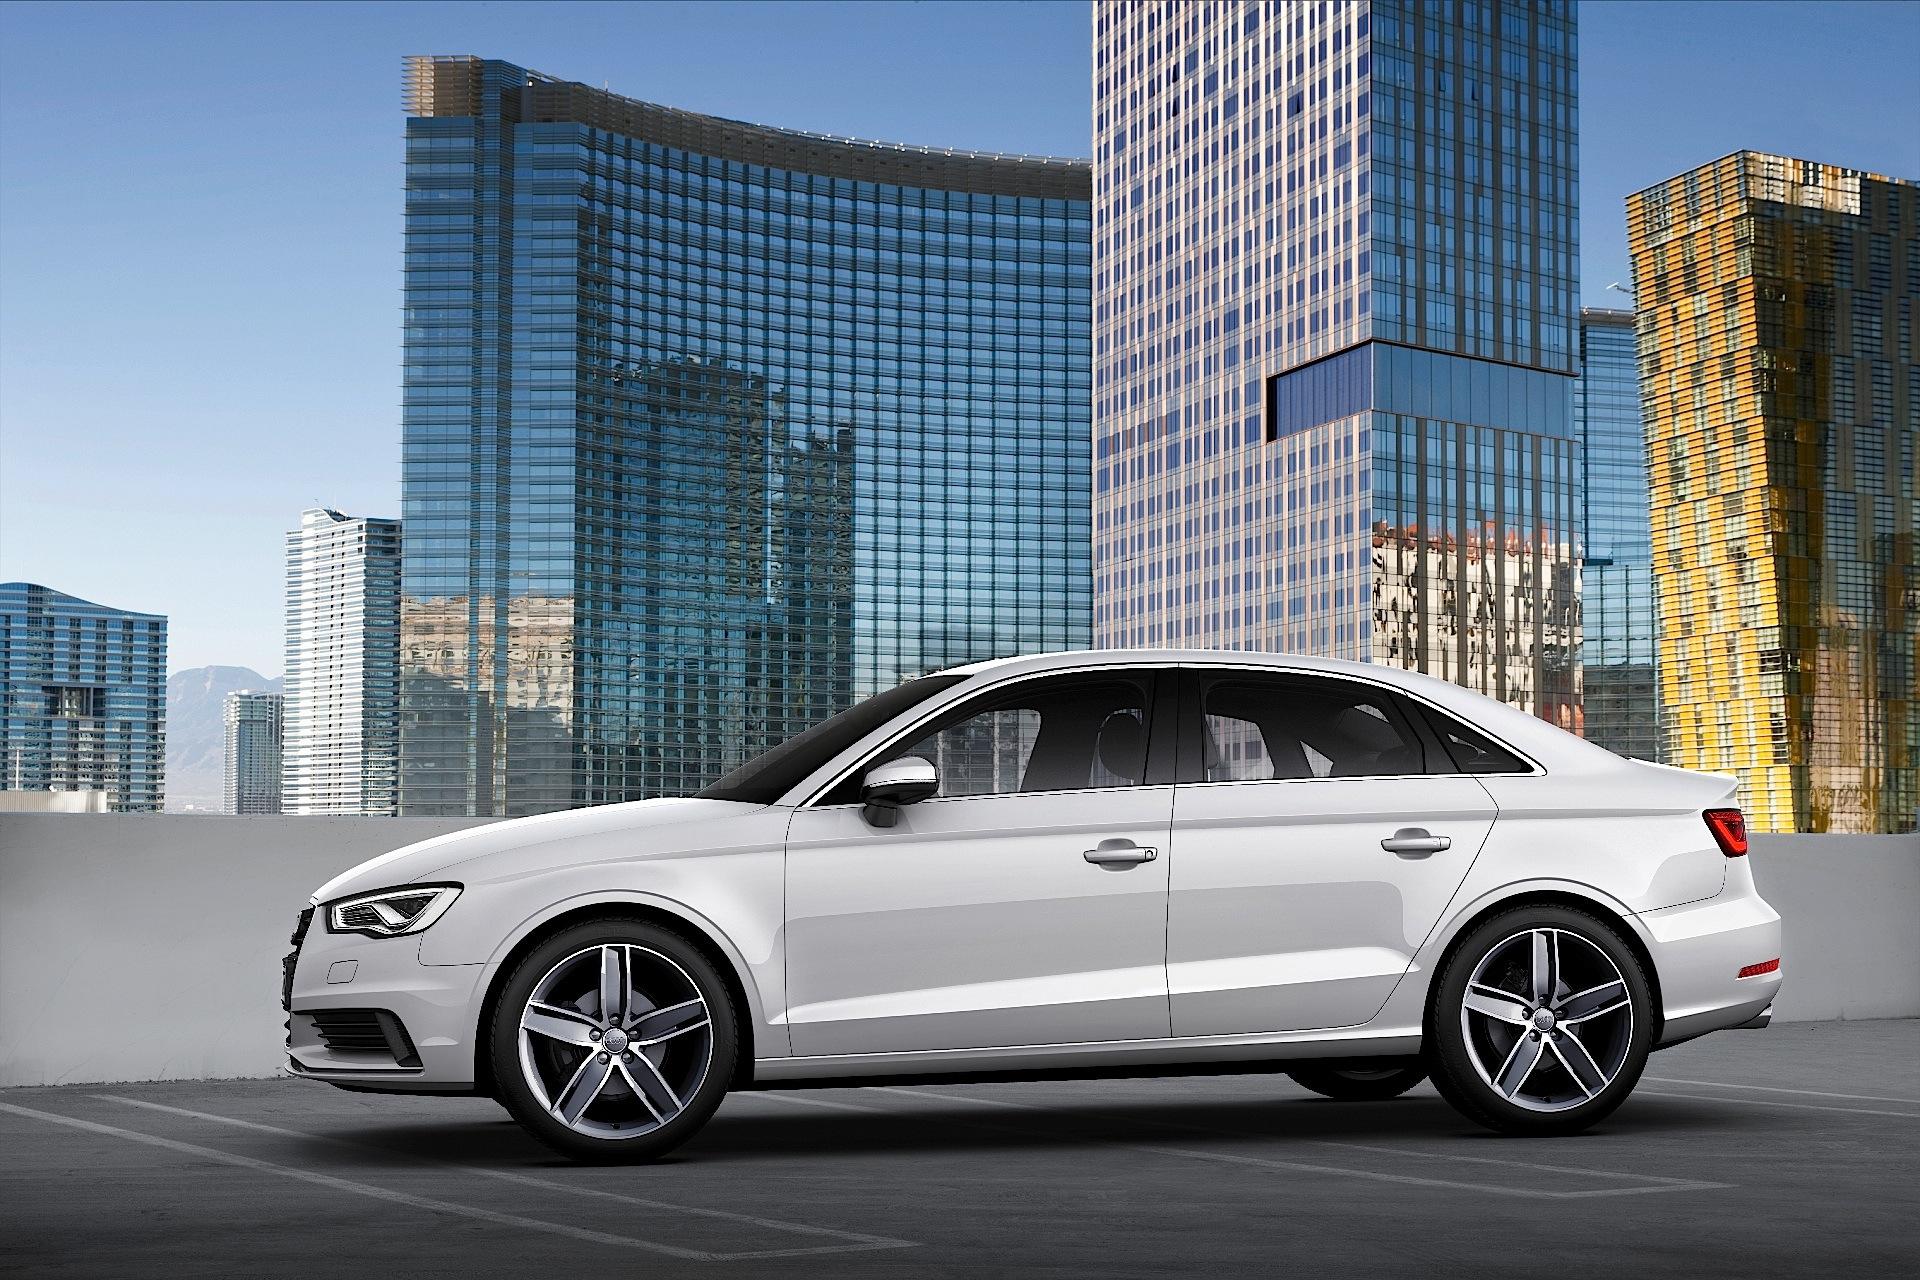 Kelebihan Kekurangan Audi A3 2015 Perbandingan Harga